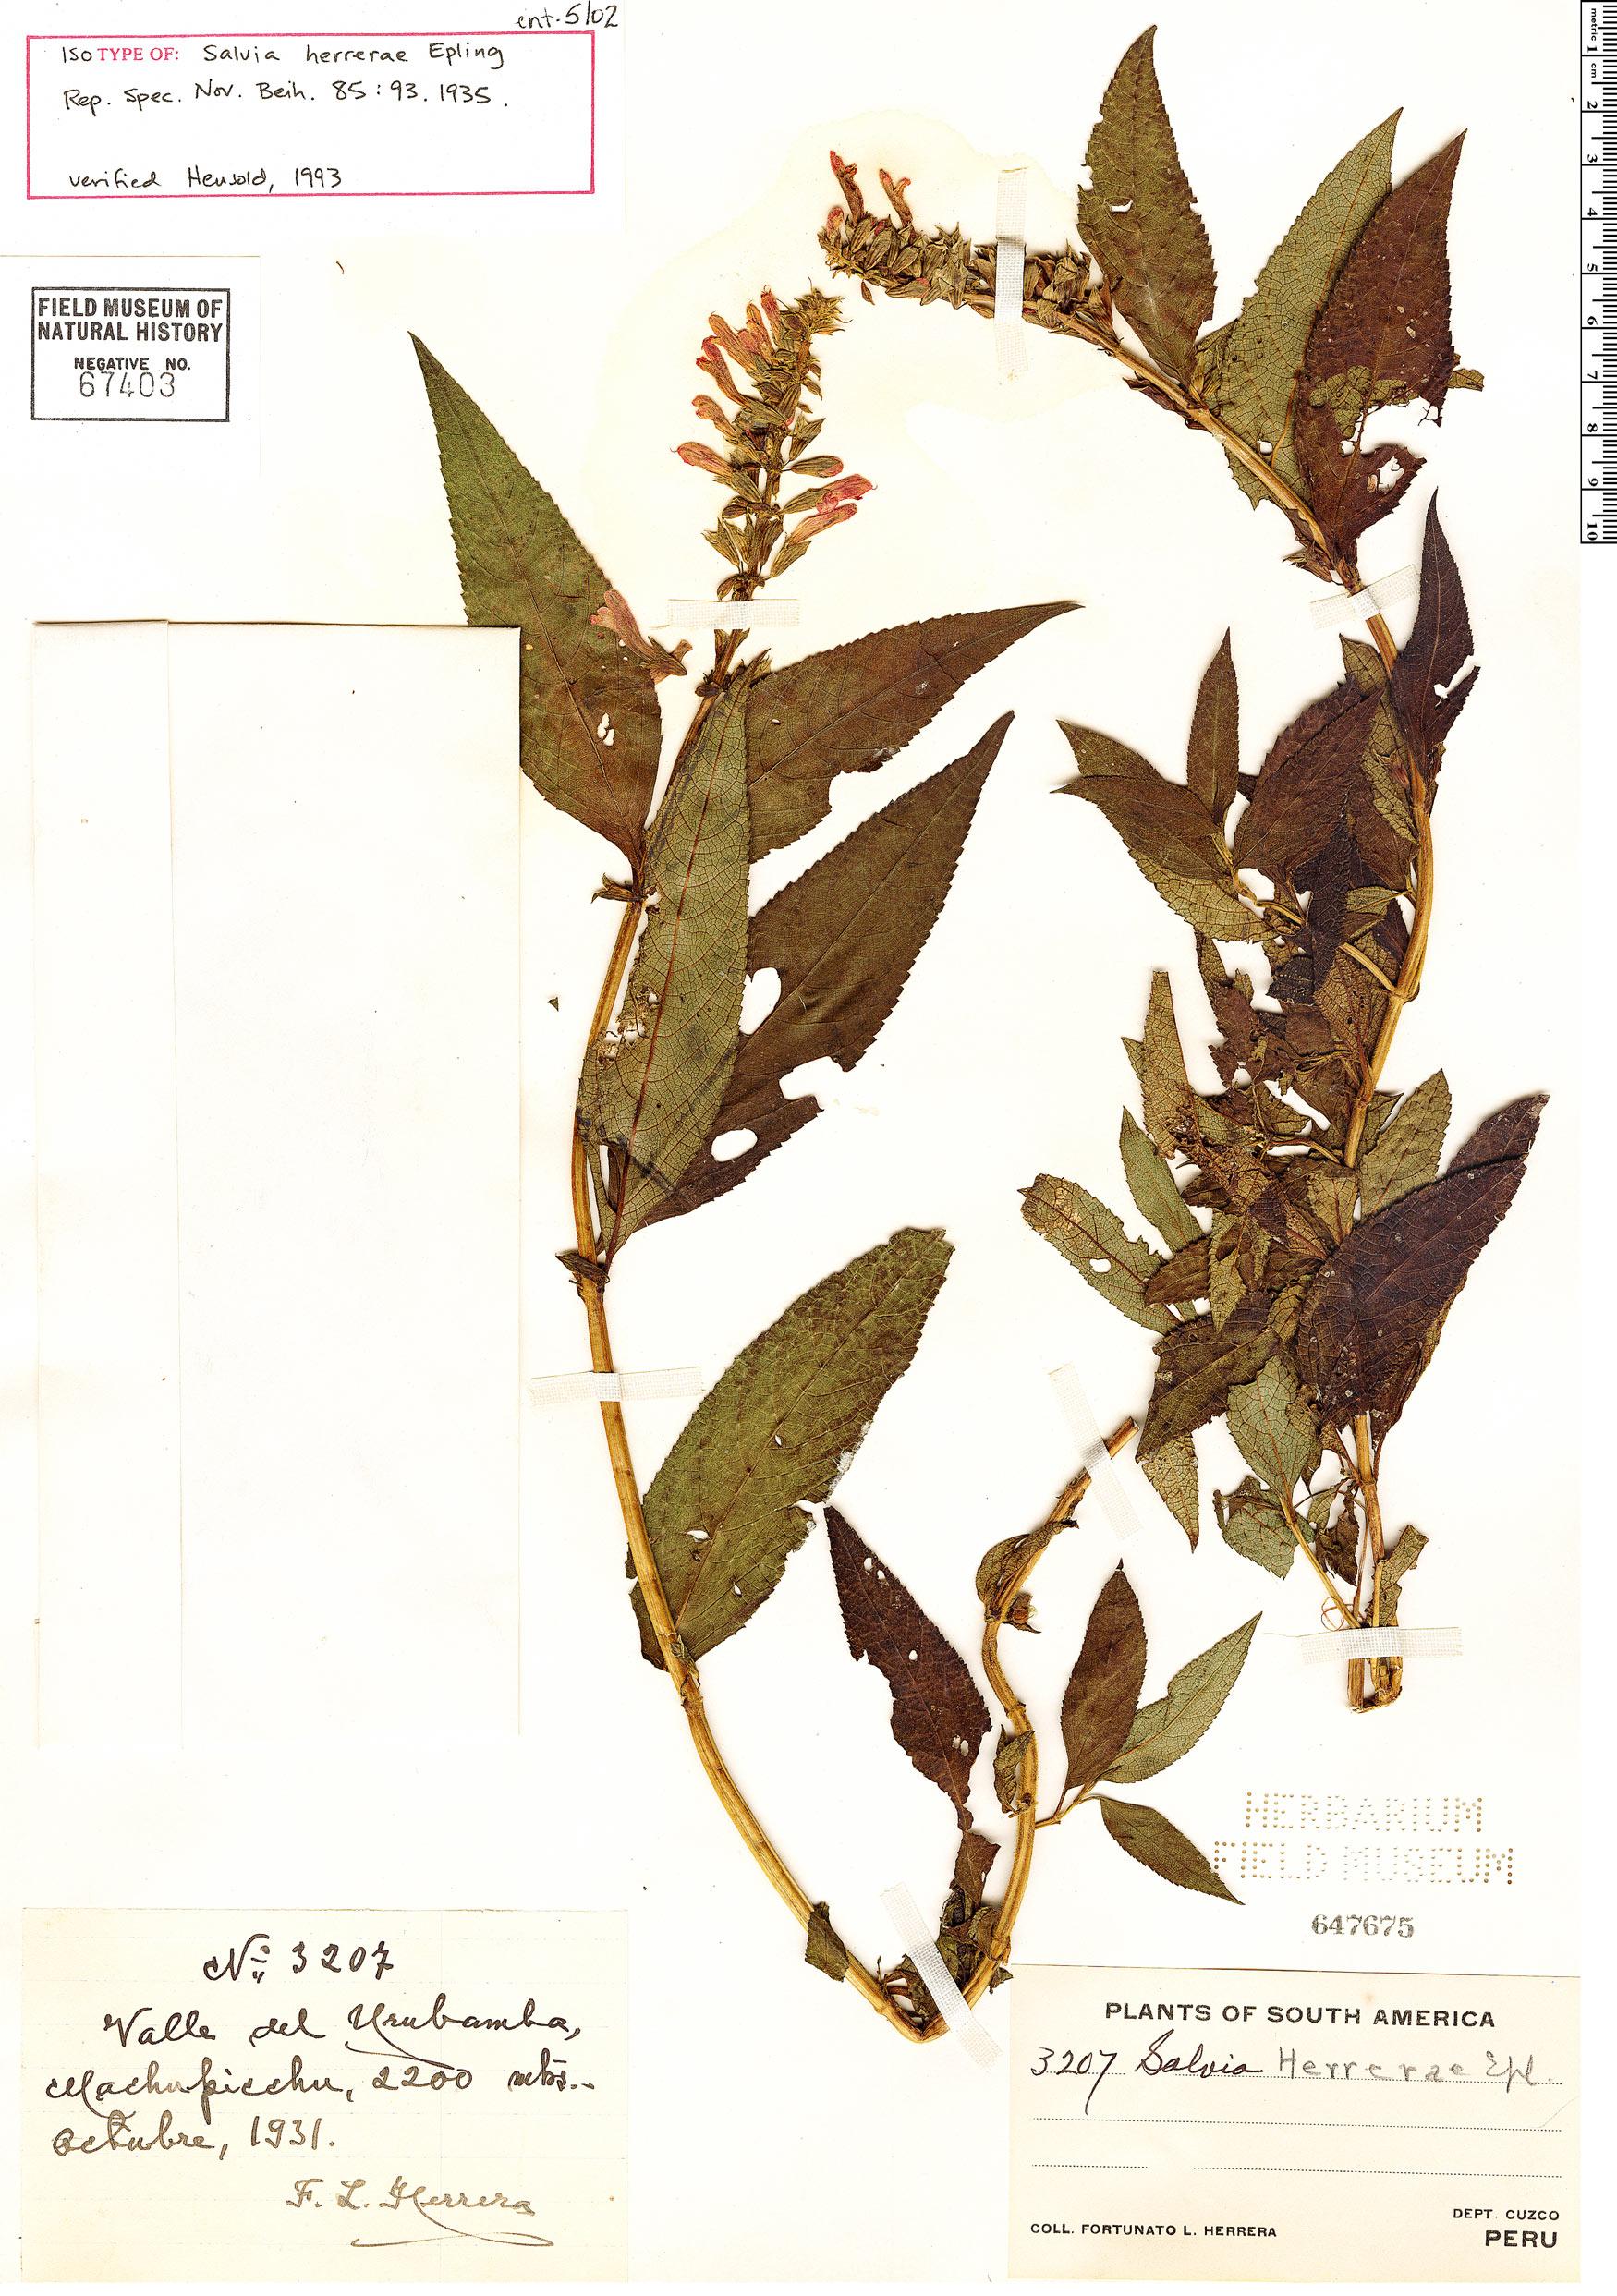 Specimen: Salvia herrerae